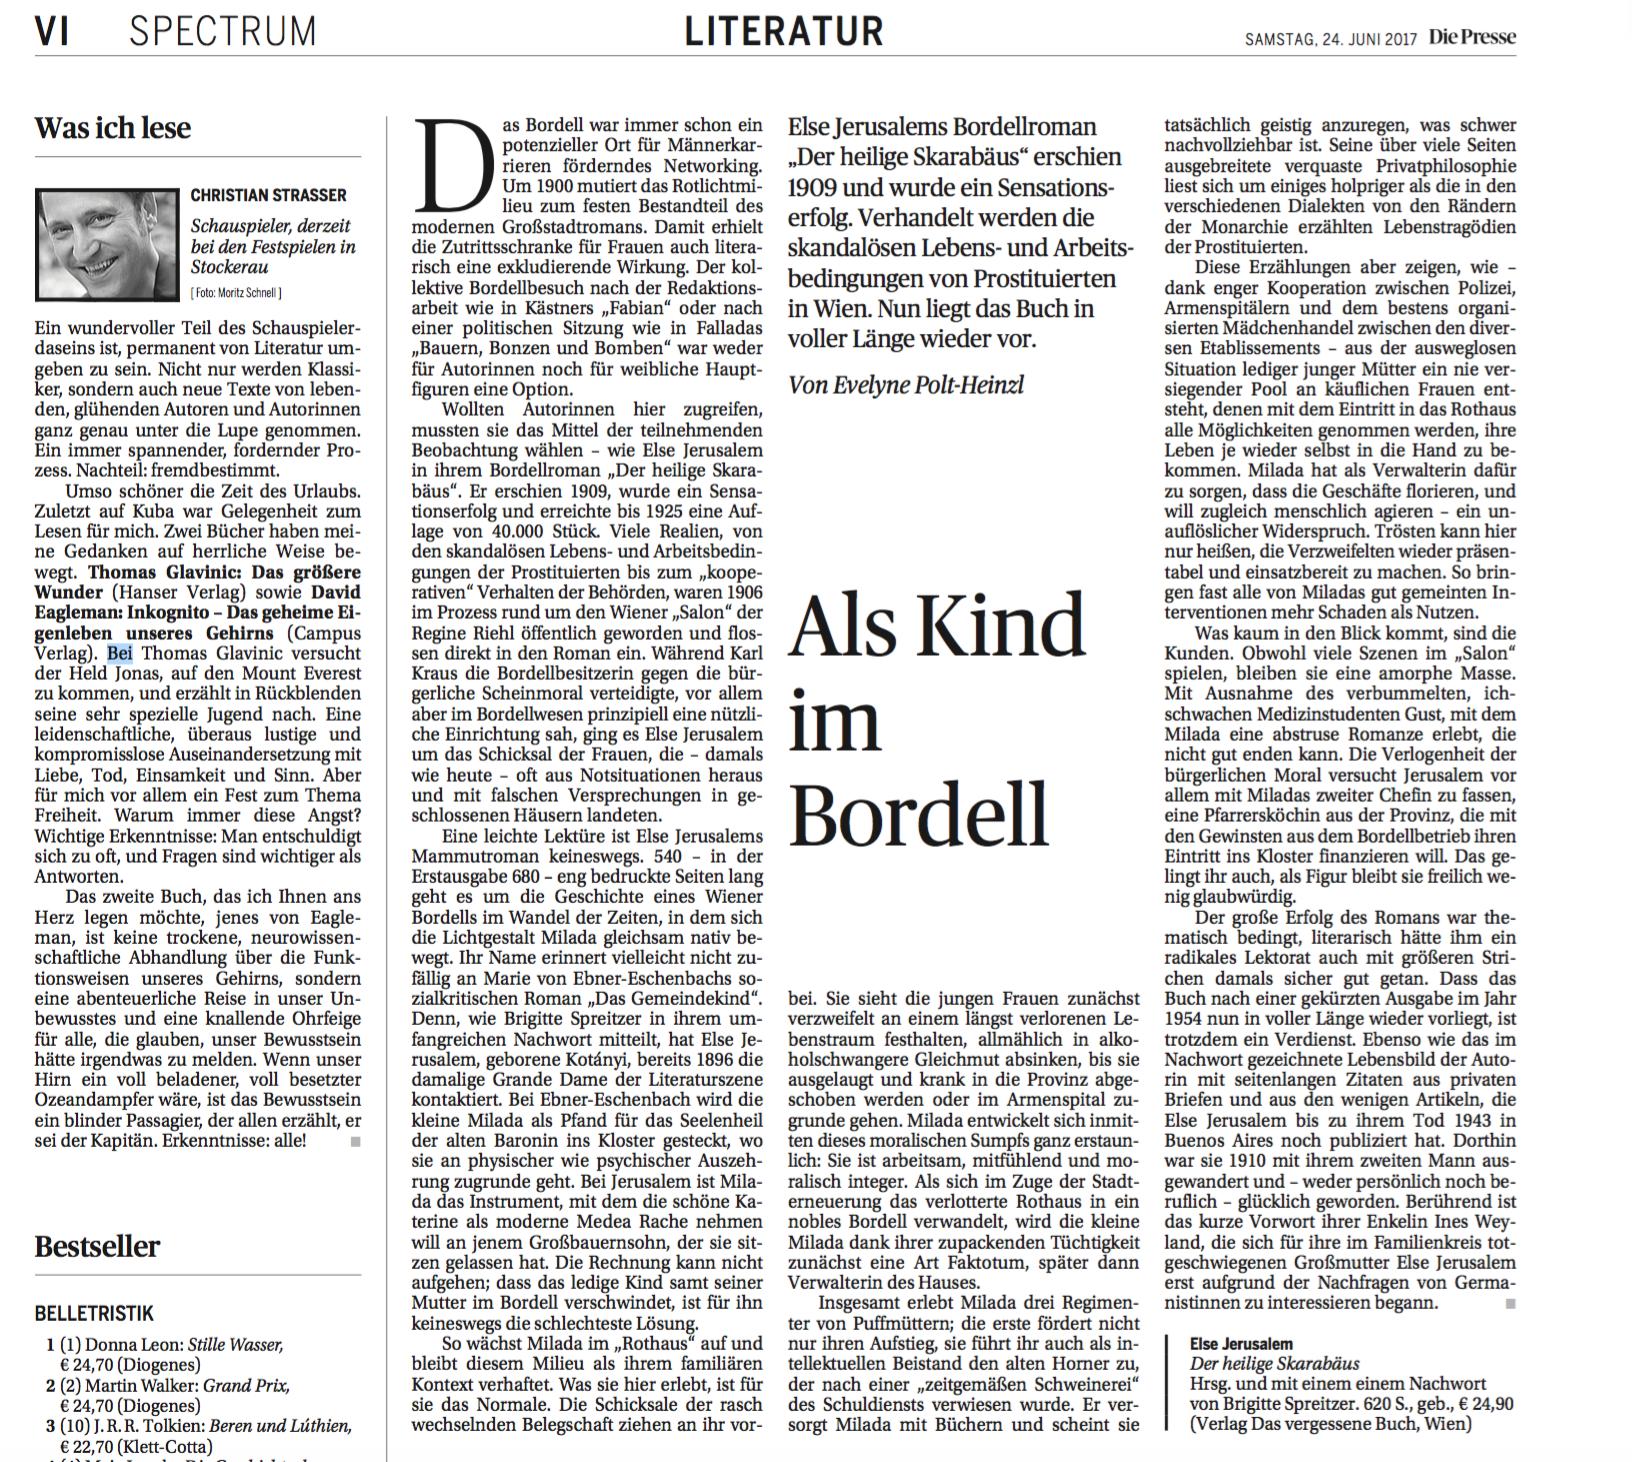 """Rezension """"Der heilige Skarabäus"""" – Die Presse"""